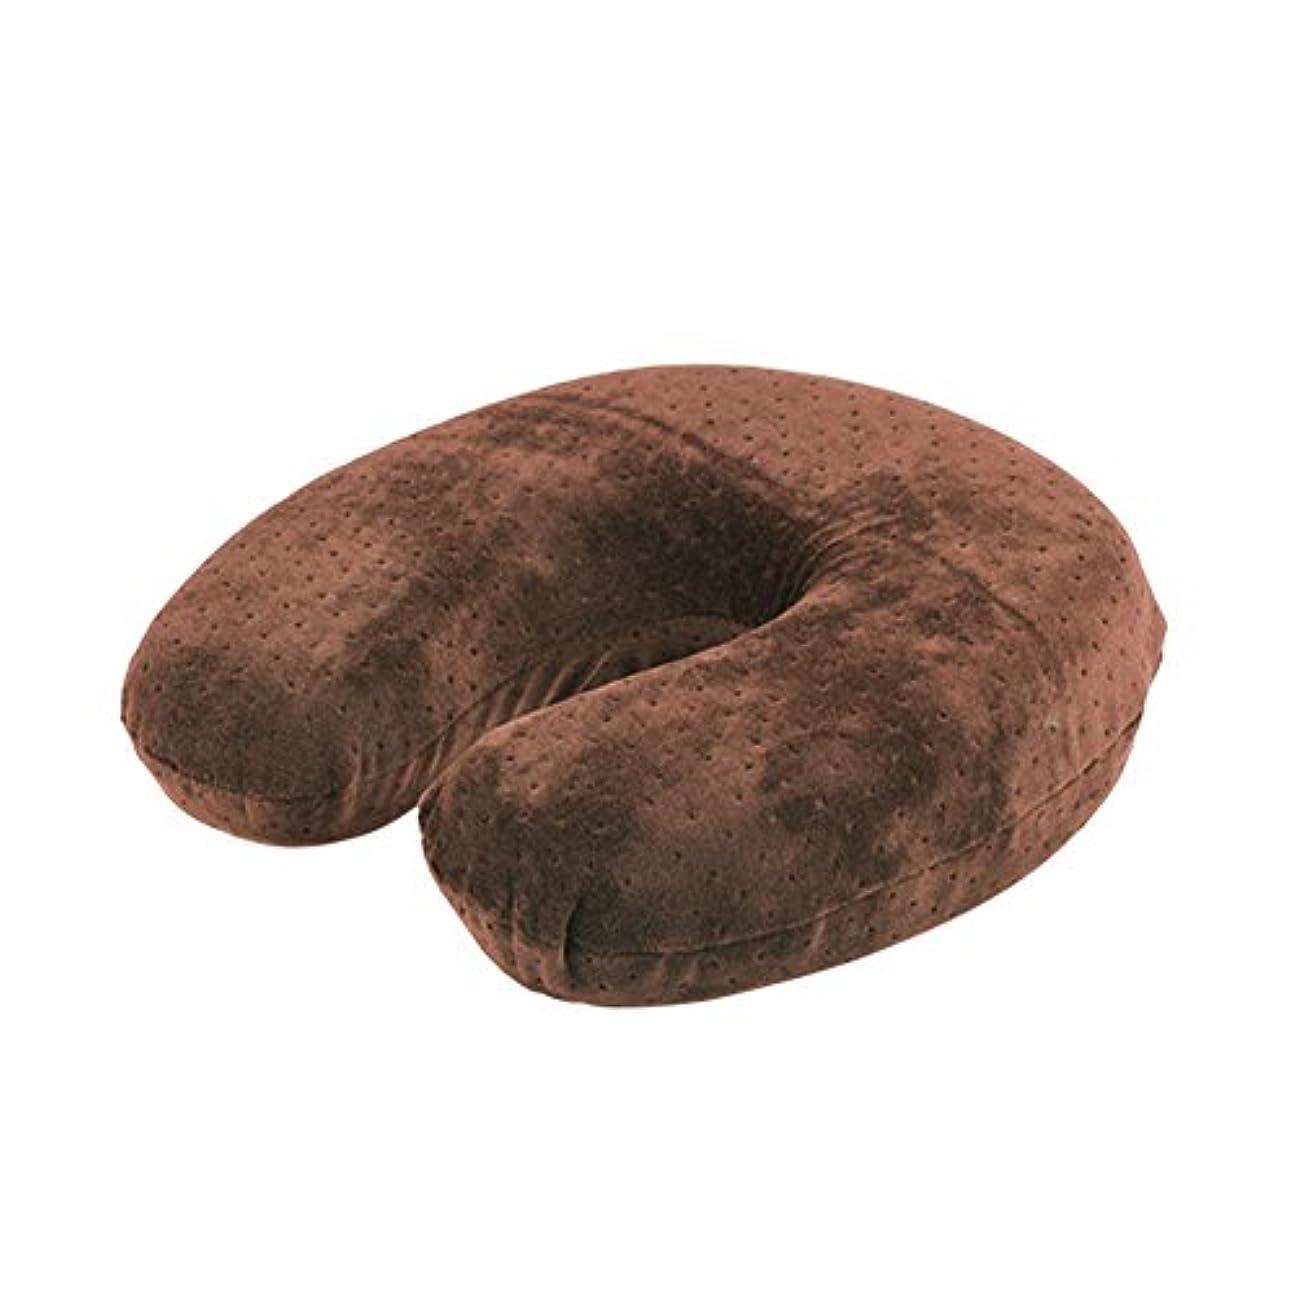 受け入れたランチ前提条件U字型枕、ビロードの反発の記憶泡の首の頭部の頚部枕残り旅行クッション(Brown)